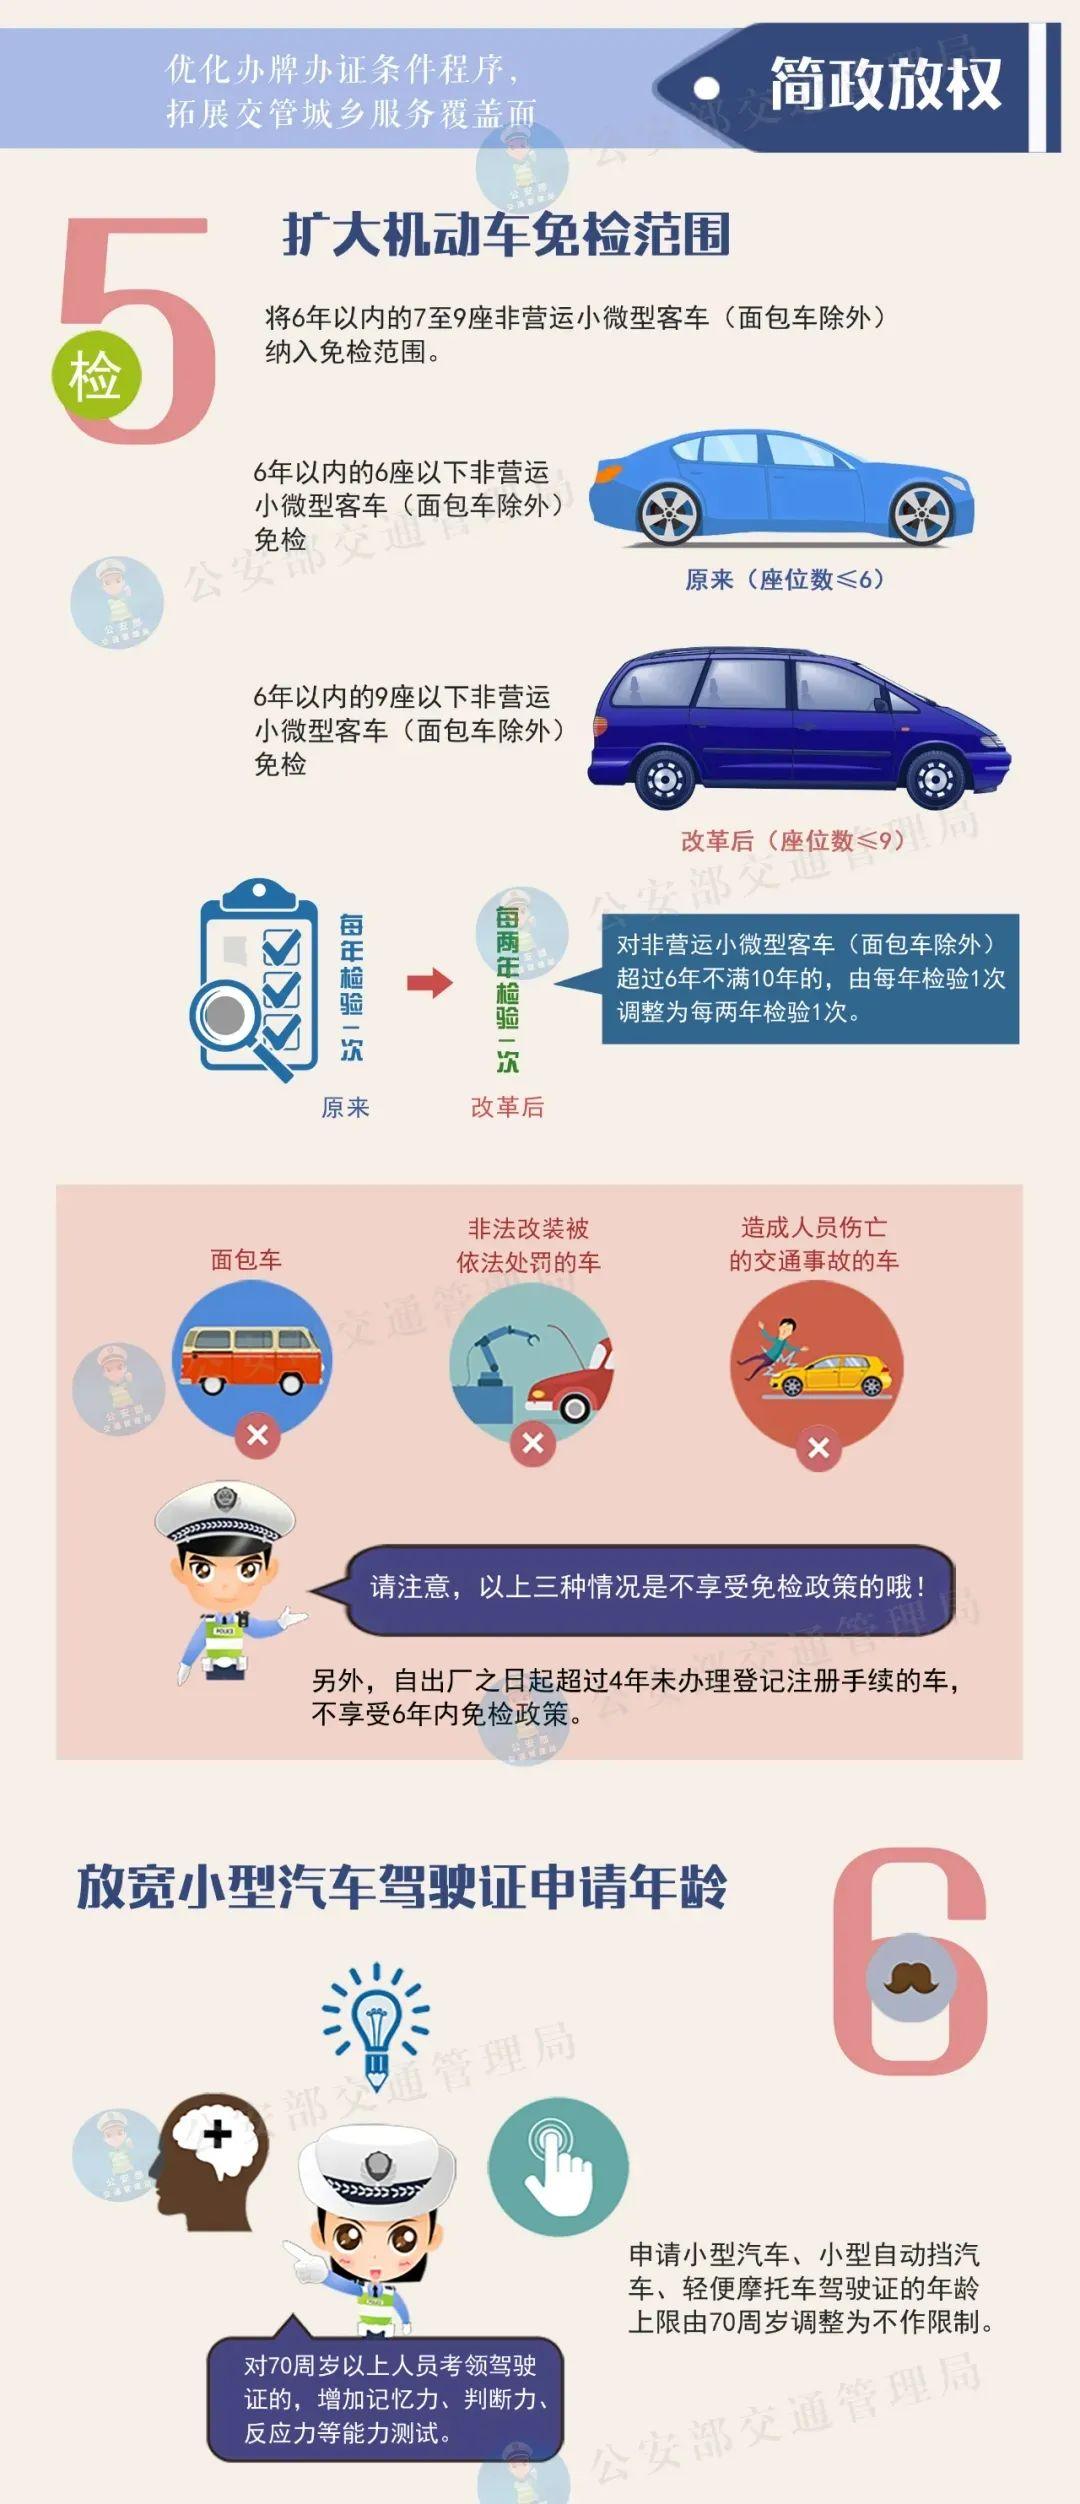 一图看懂 | 12项公安交管优化营商环境新措施都有啥?